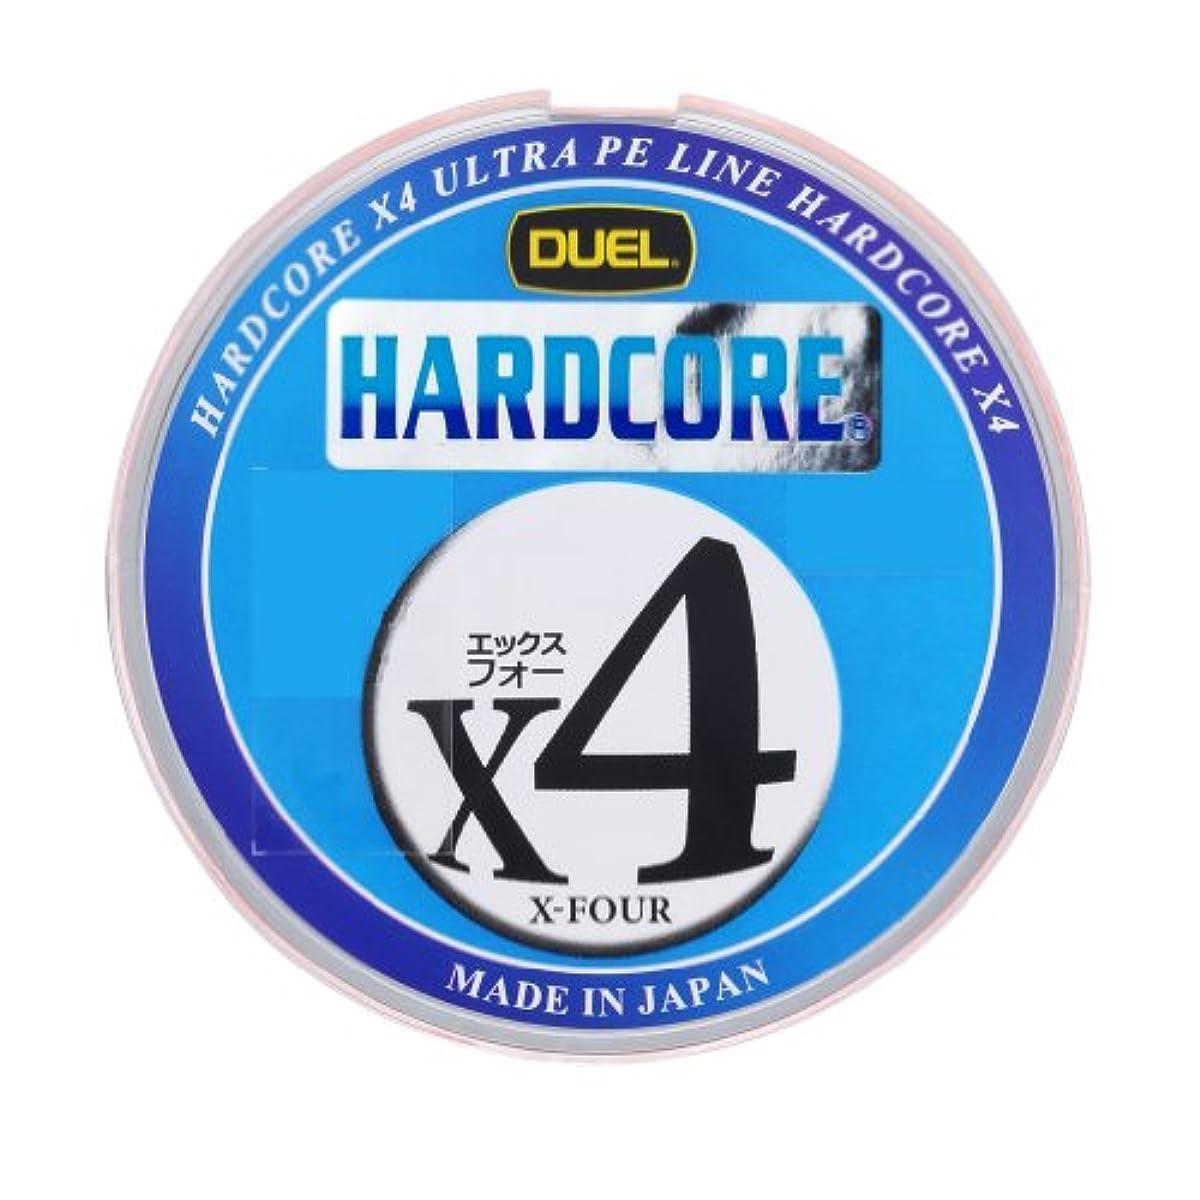 [해외] 듀엘 PE라인 하드 코어 X4 마킹 시스템